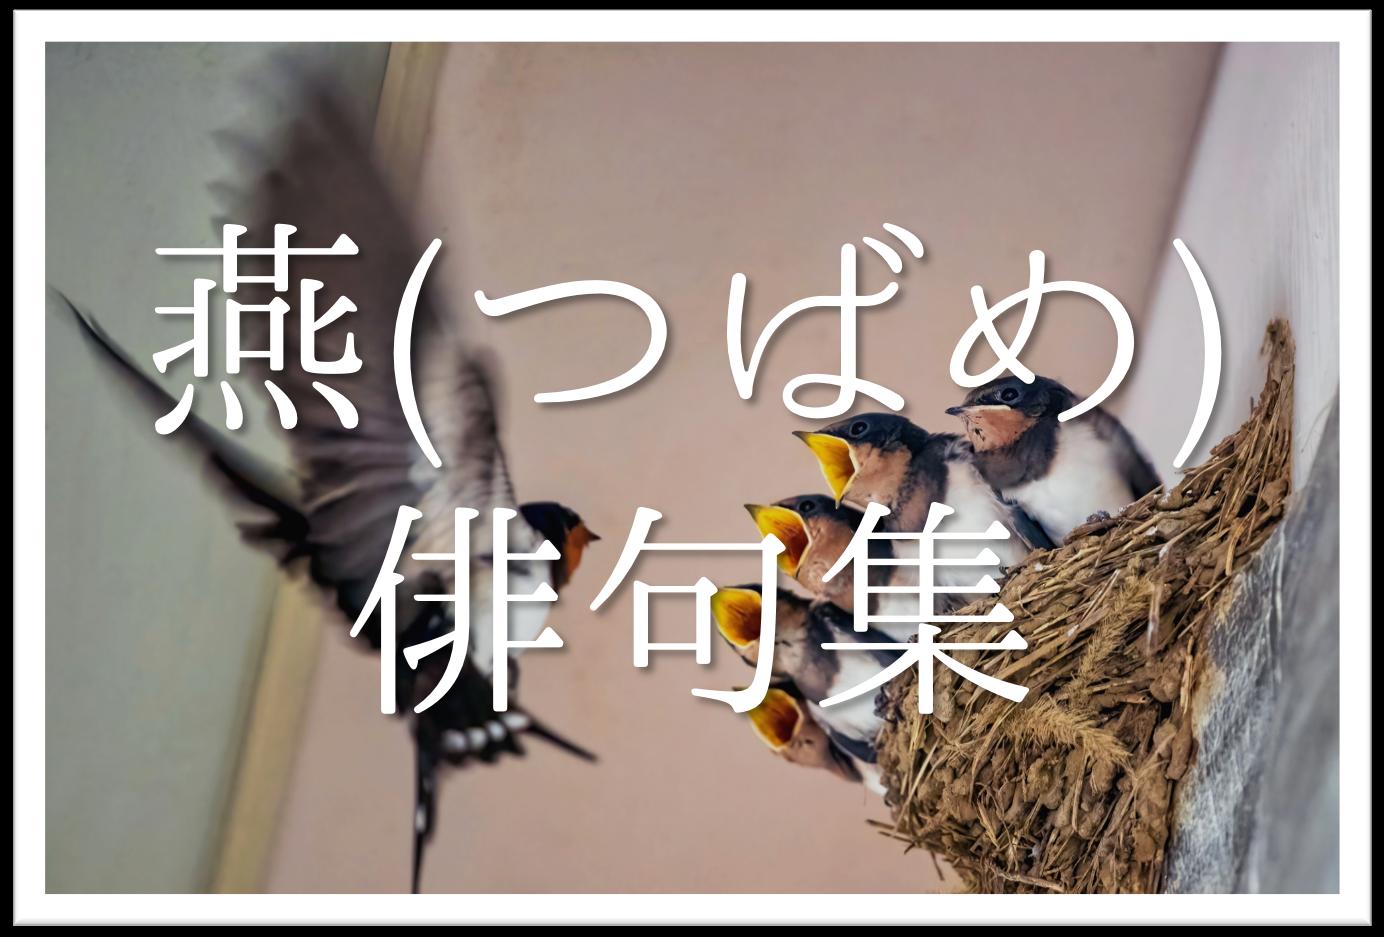 【燕(つばめ)の俳句 20選】知っておきたい!!季語を含むおすすめ有名&素人俳句を紹介